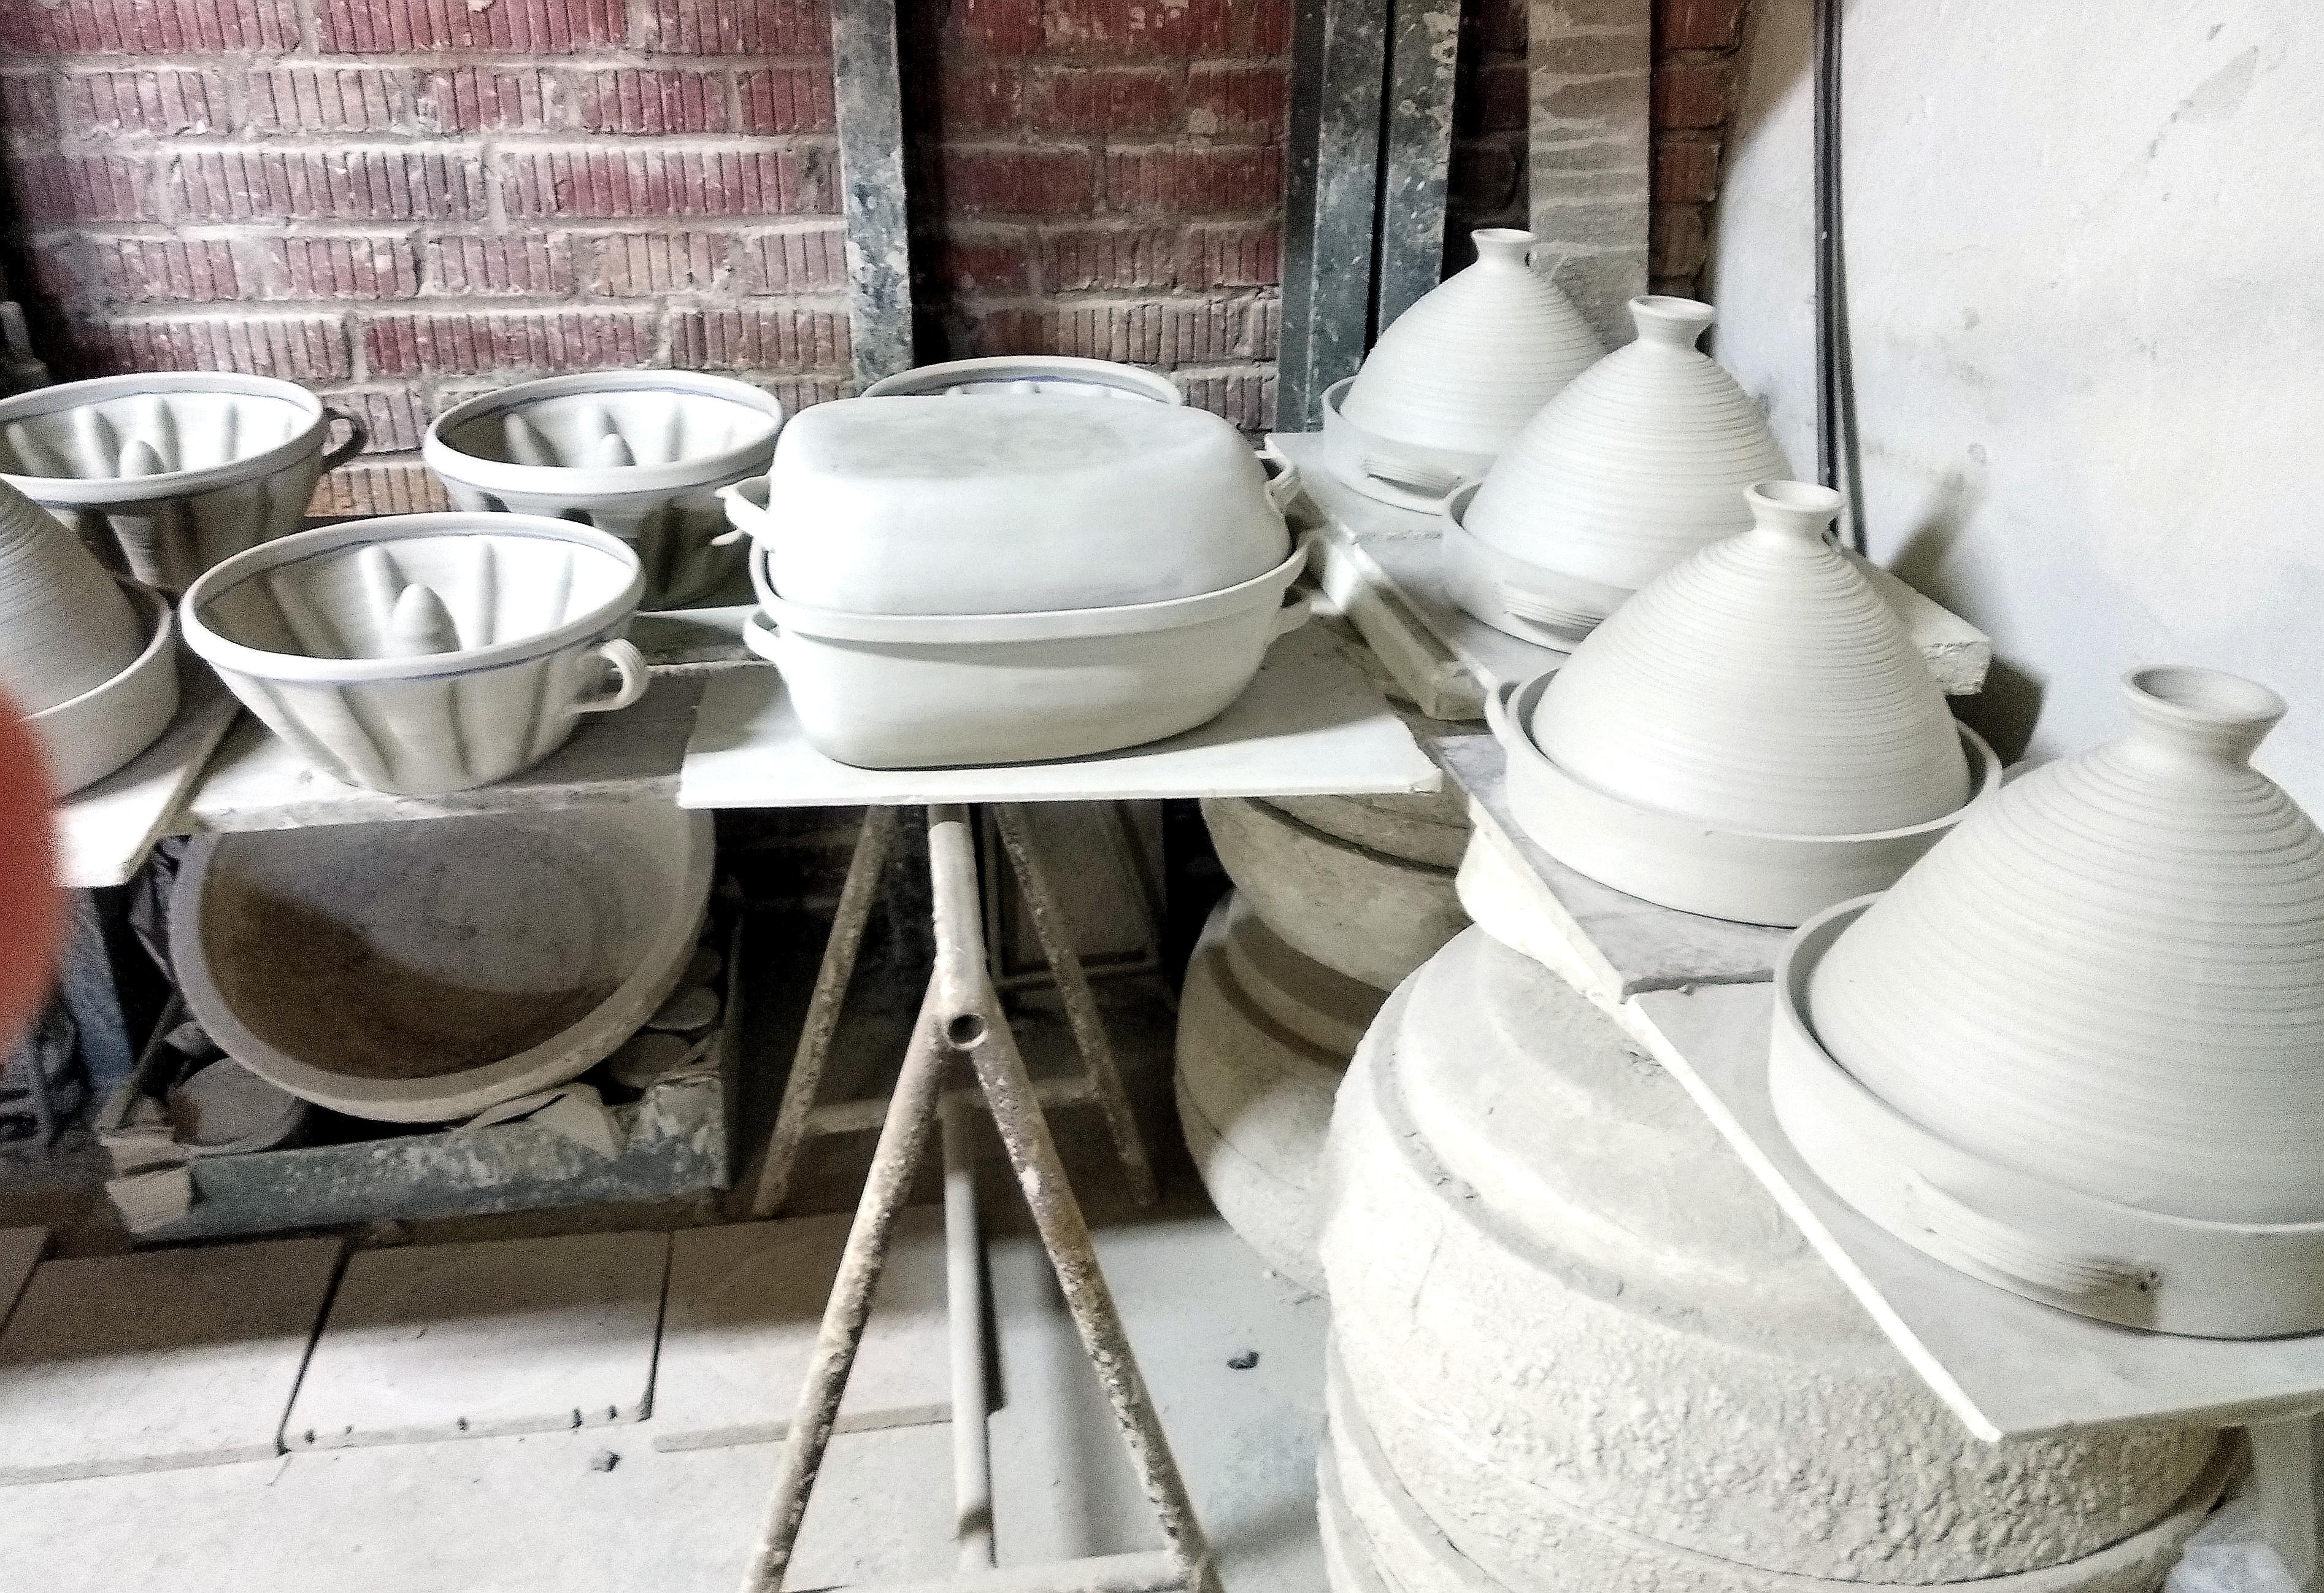 keramická díla - výroba kameninových forem a pekáčů, sádláků. Vysychaní kameninových forem..